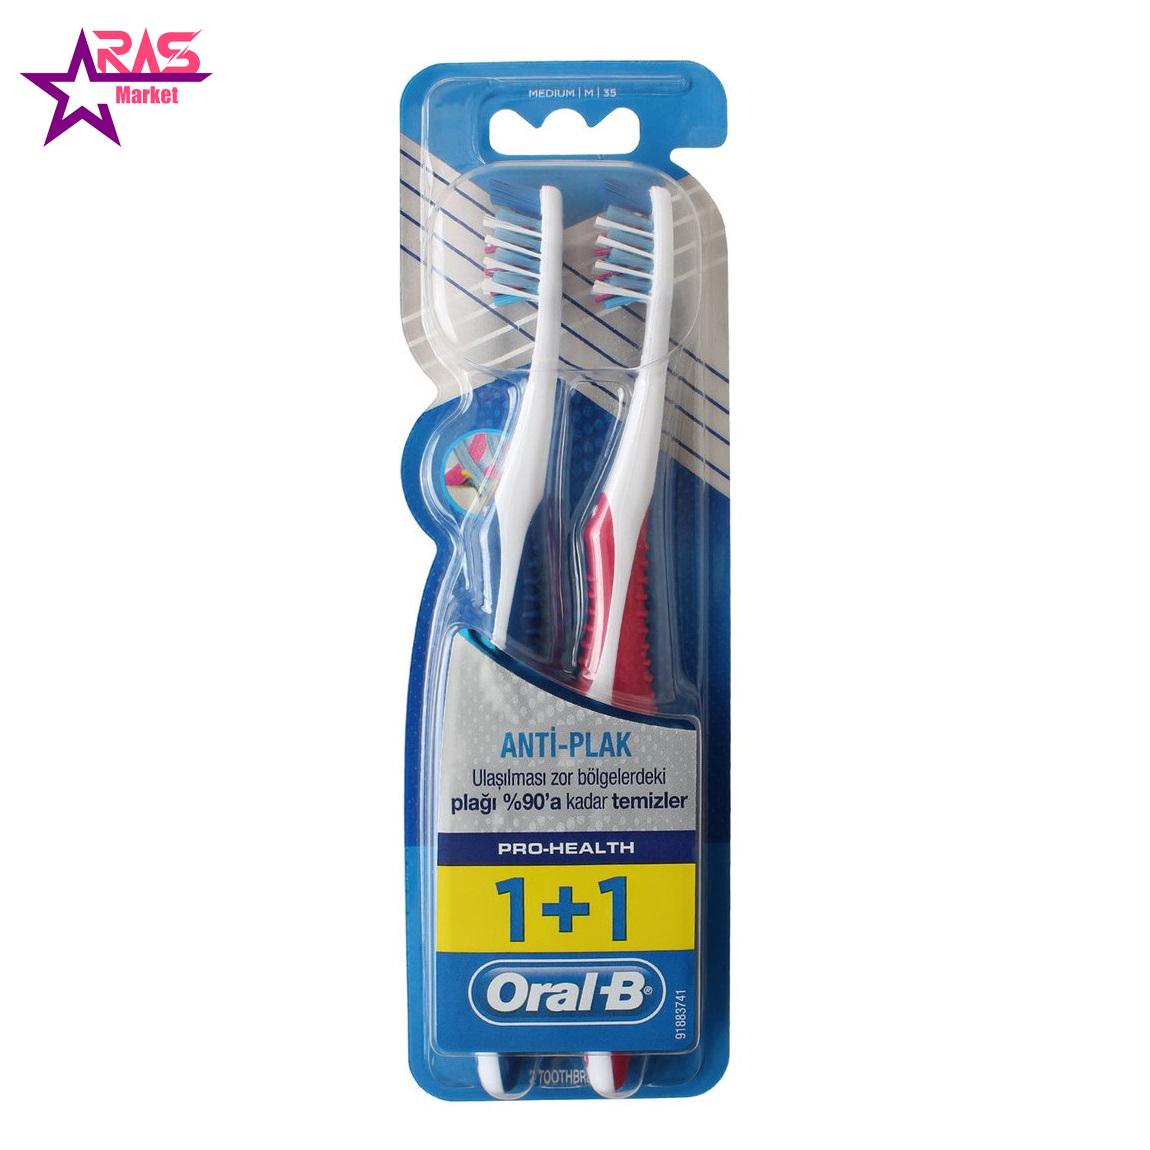 مسواک اورال بی مدل Pro Health بسته 2 عددی ، فروشگاه اینترنتی ارس مارکت ، مسواک oral b